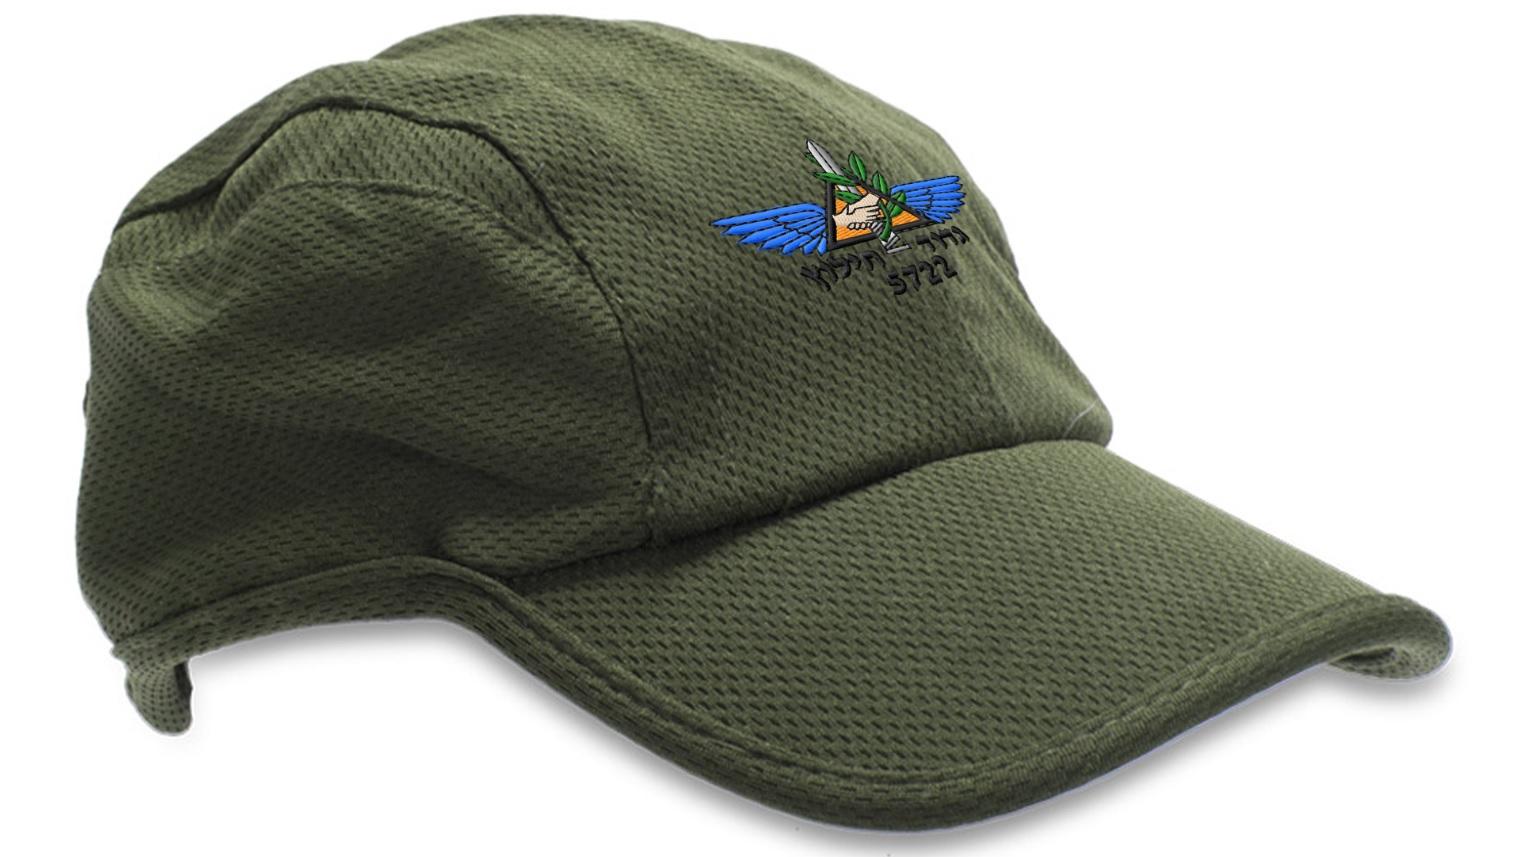 כובע דרייפיט זית ממותג